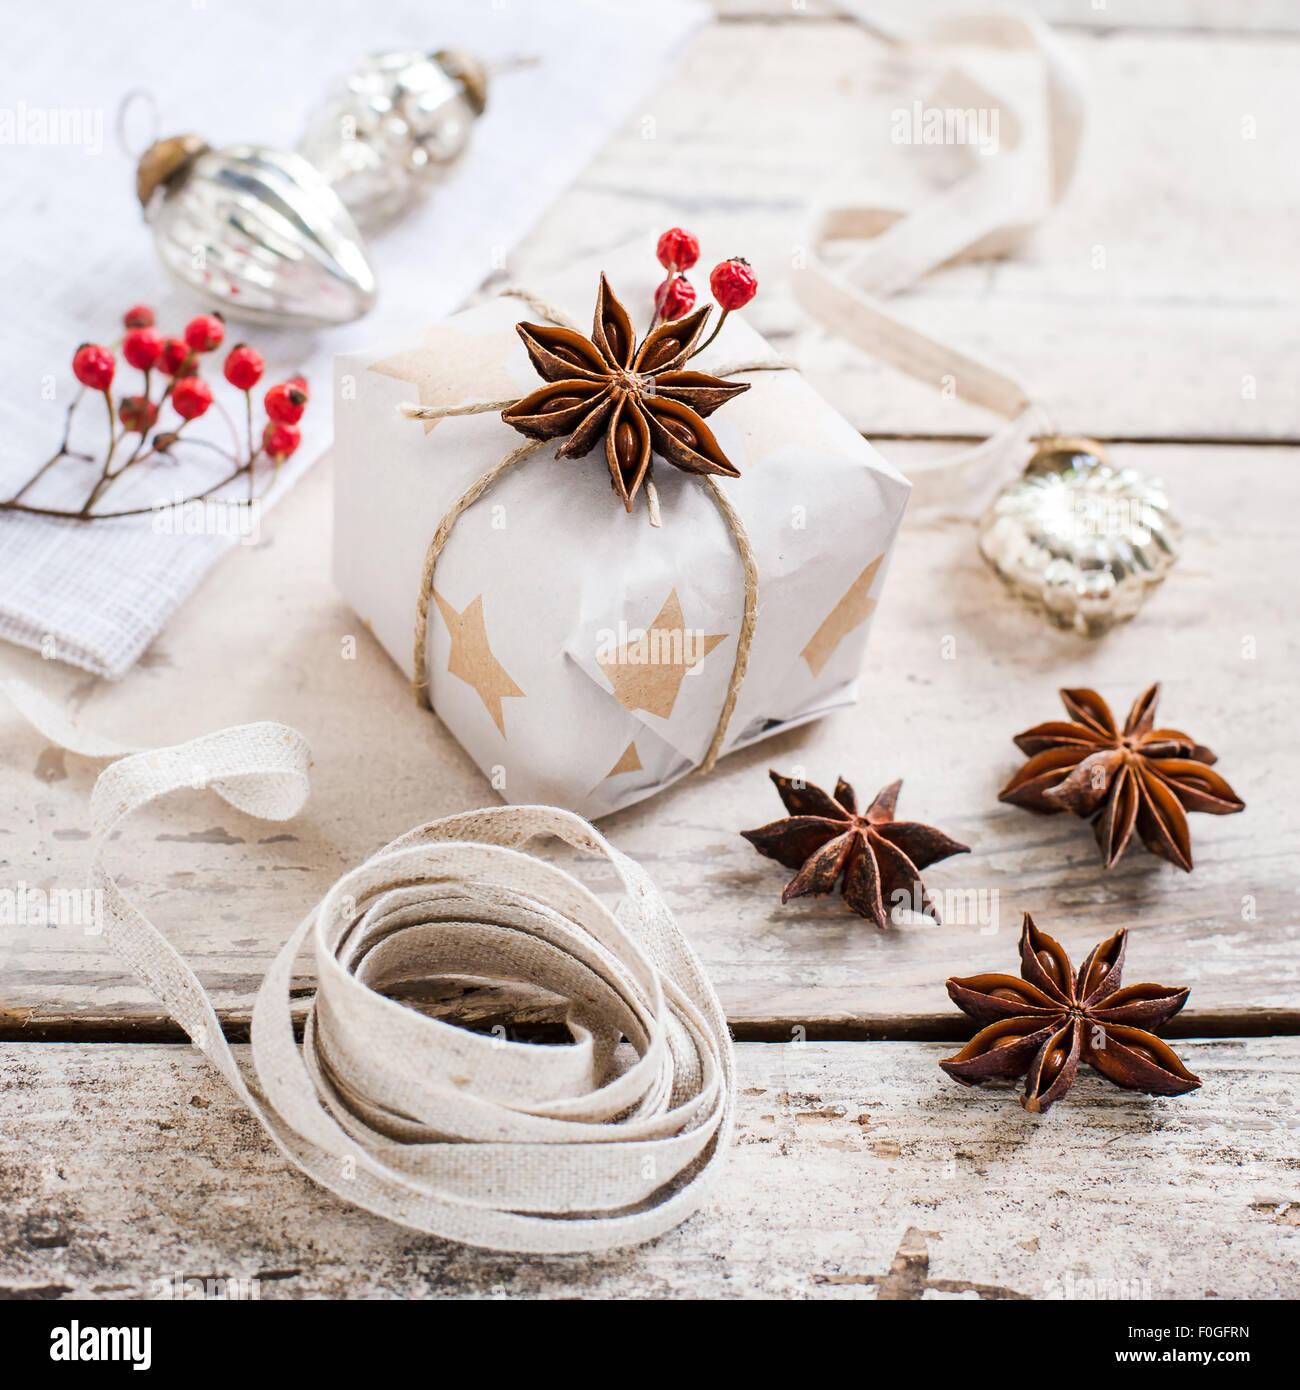 L'emballage de cadeaux de Noël naturel simple Photo Stock